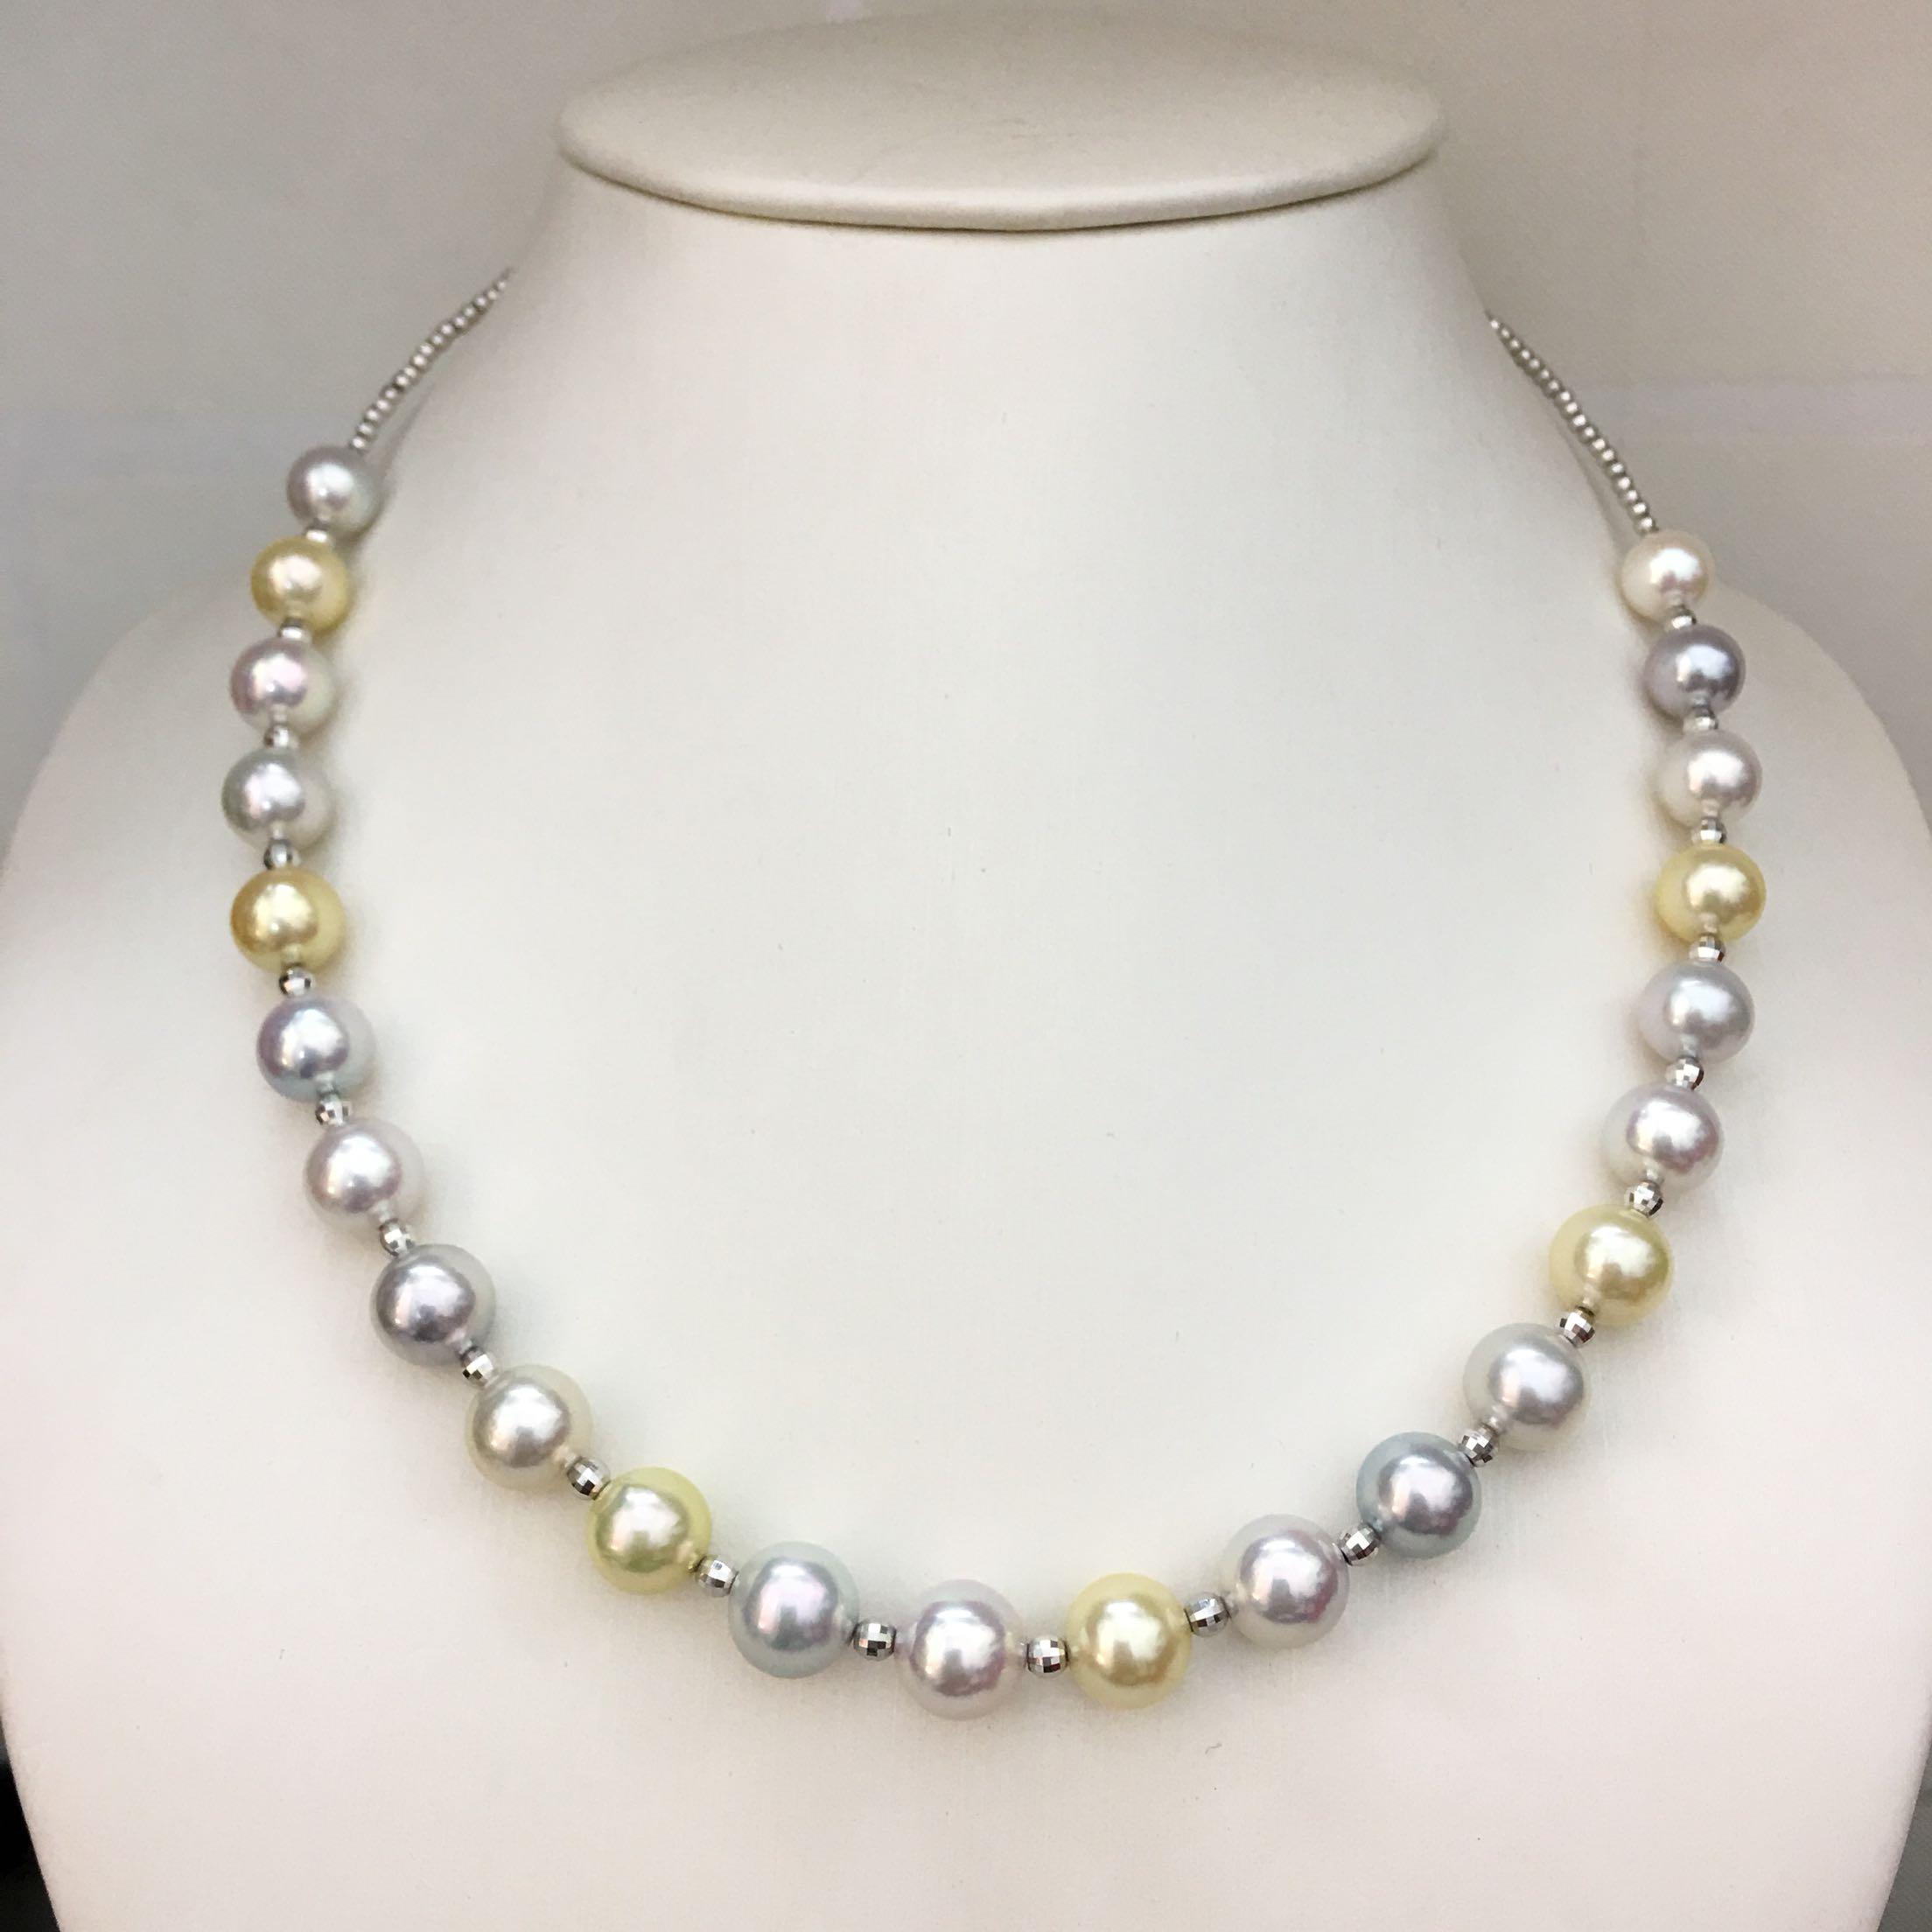 露希珠宝||18k进口项圈 日本工艺 akoya海珠彩色 颜色超美 高品质